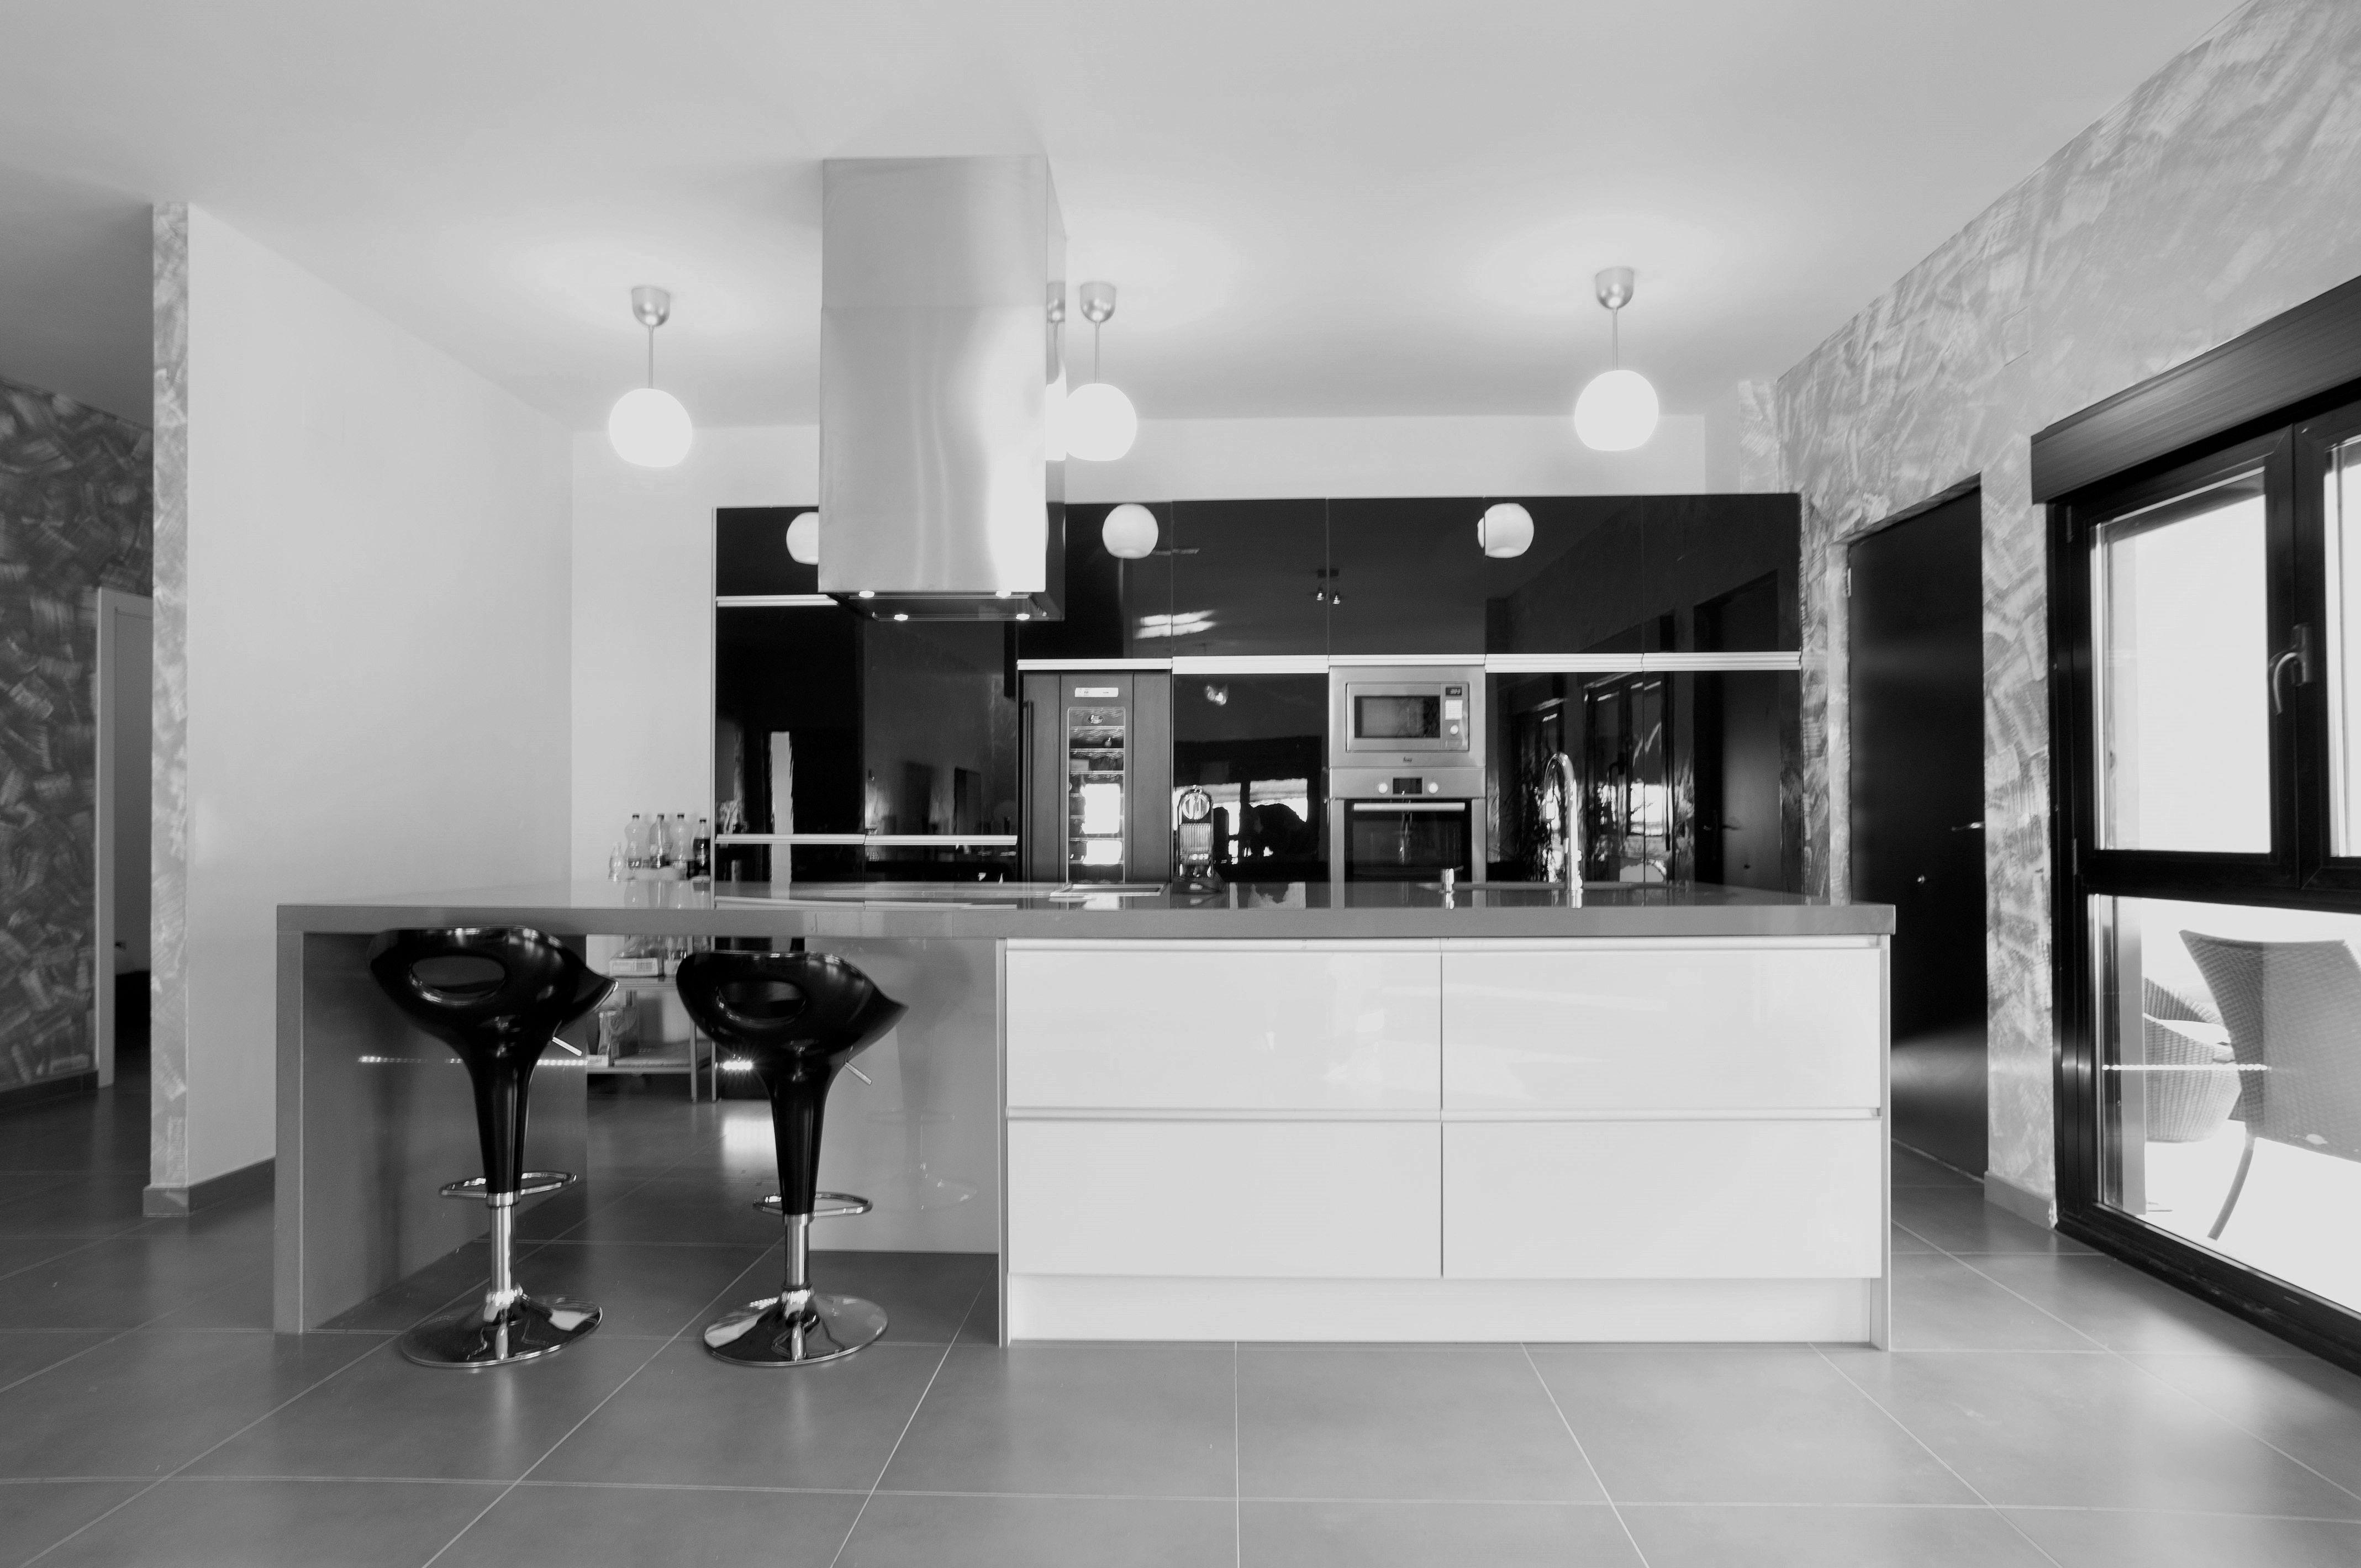 Cocina en byn casas de acero y hormigon ideas de casas - Acero casas prefabricadas ...